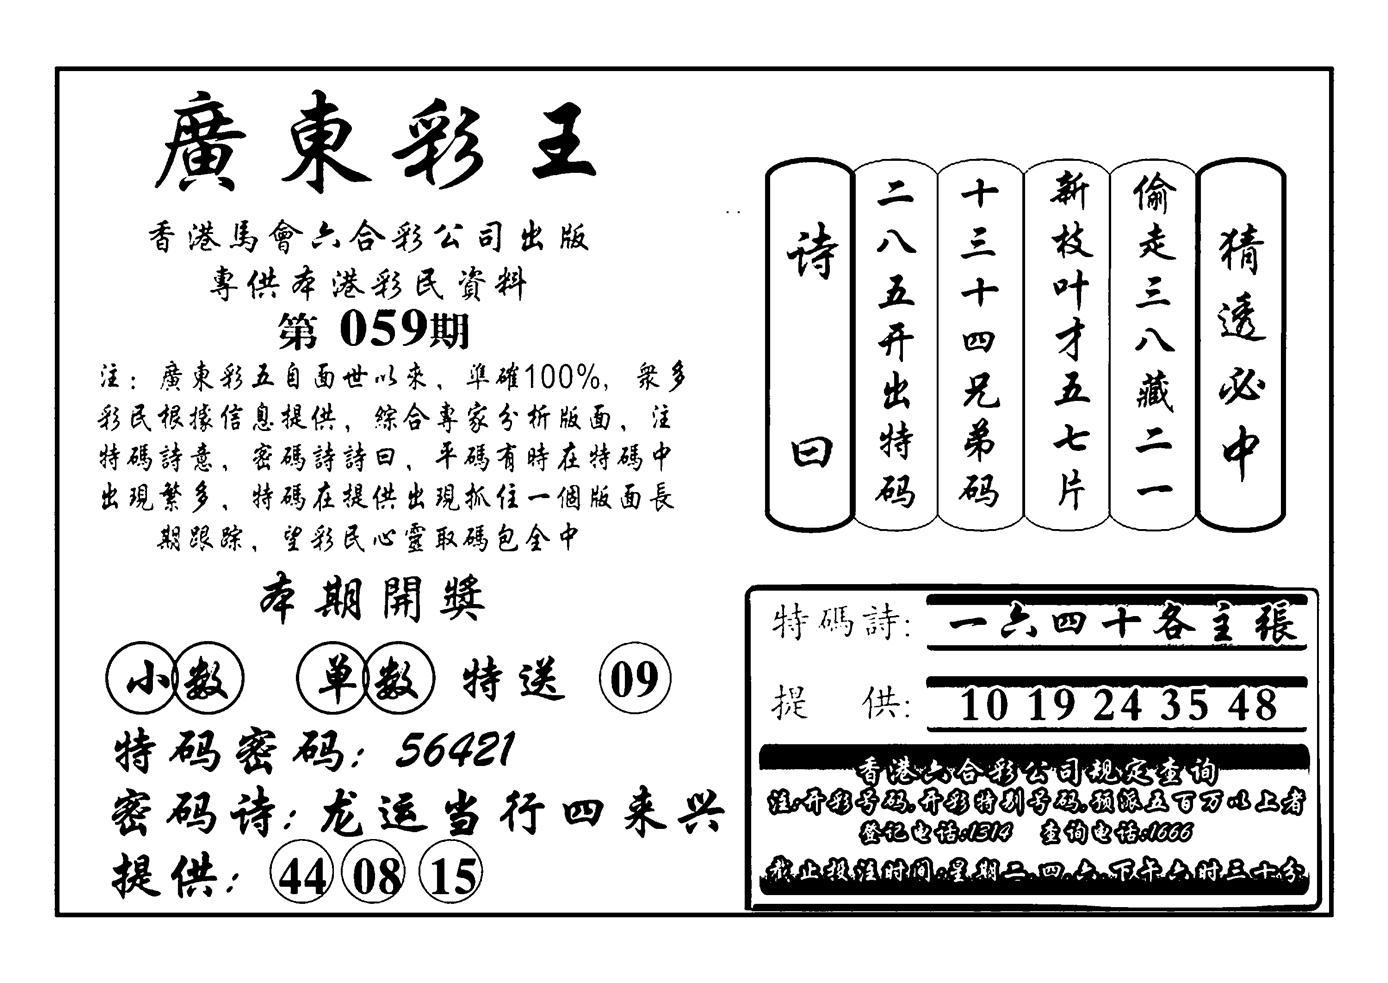 059期广东彩王(黑白)